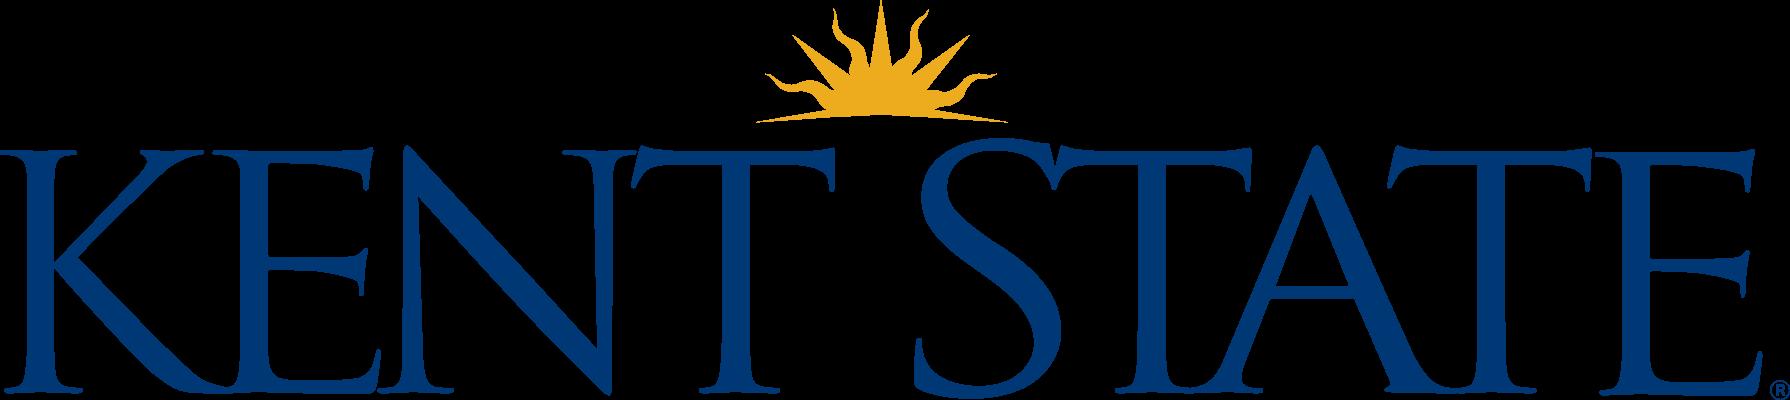 Kent State Horizontal Logo